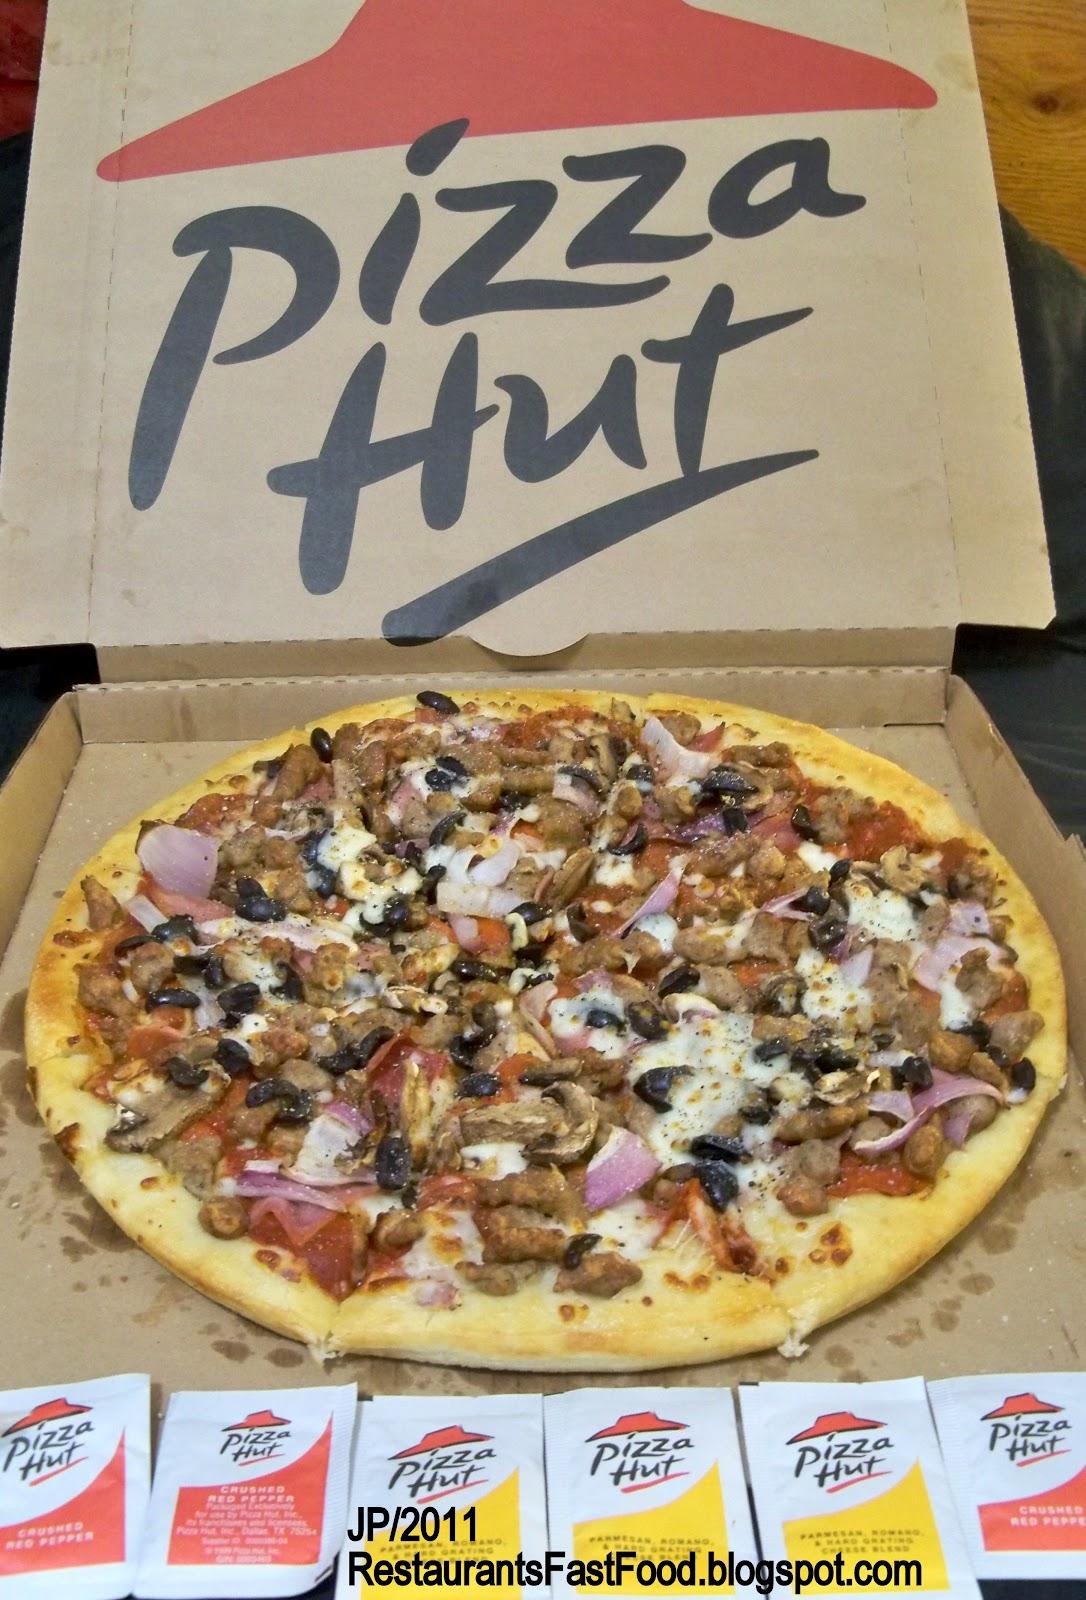 Restaurant Fast Food Menu McDonald\'s DQ BK Hamburger Pizza Mexican ...